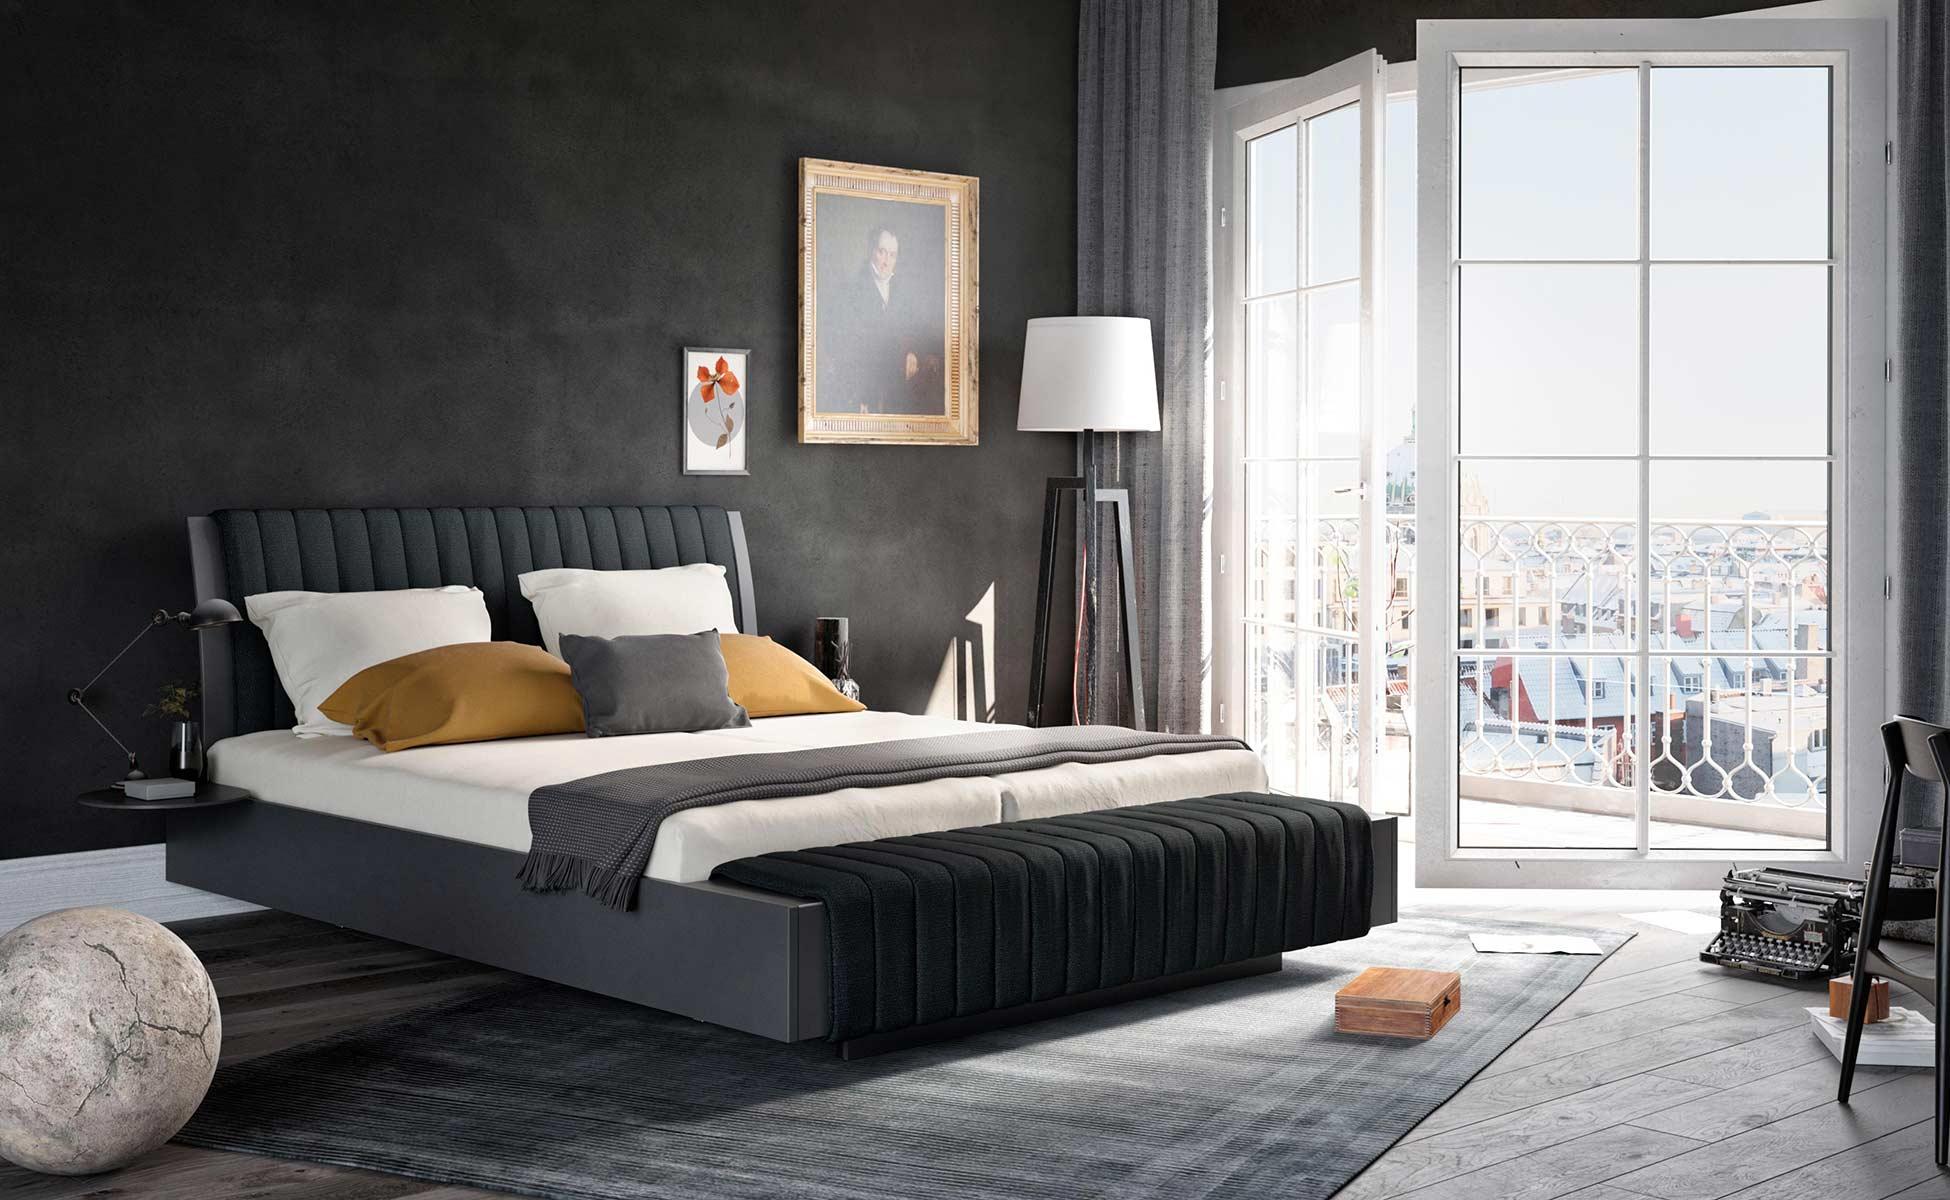 interl bke izzy steidten einrichten mit architekturintelligenz. Black Bedroom Furniture Sets. Home Design Ideas